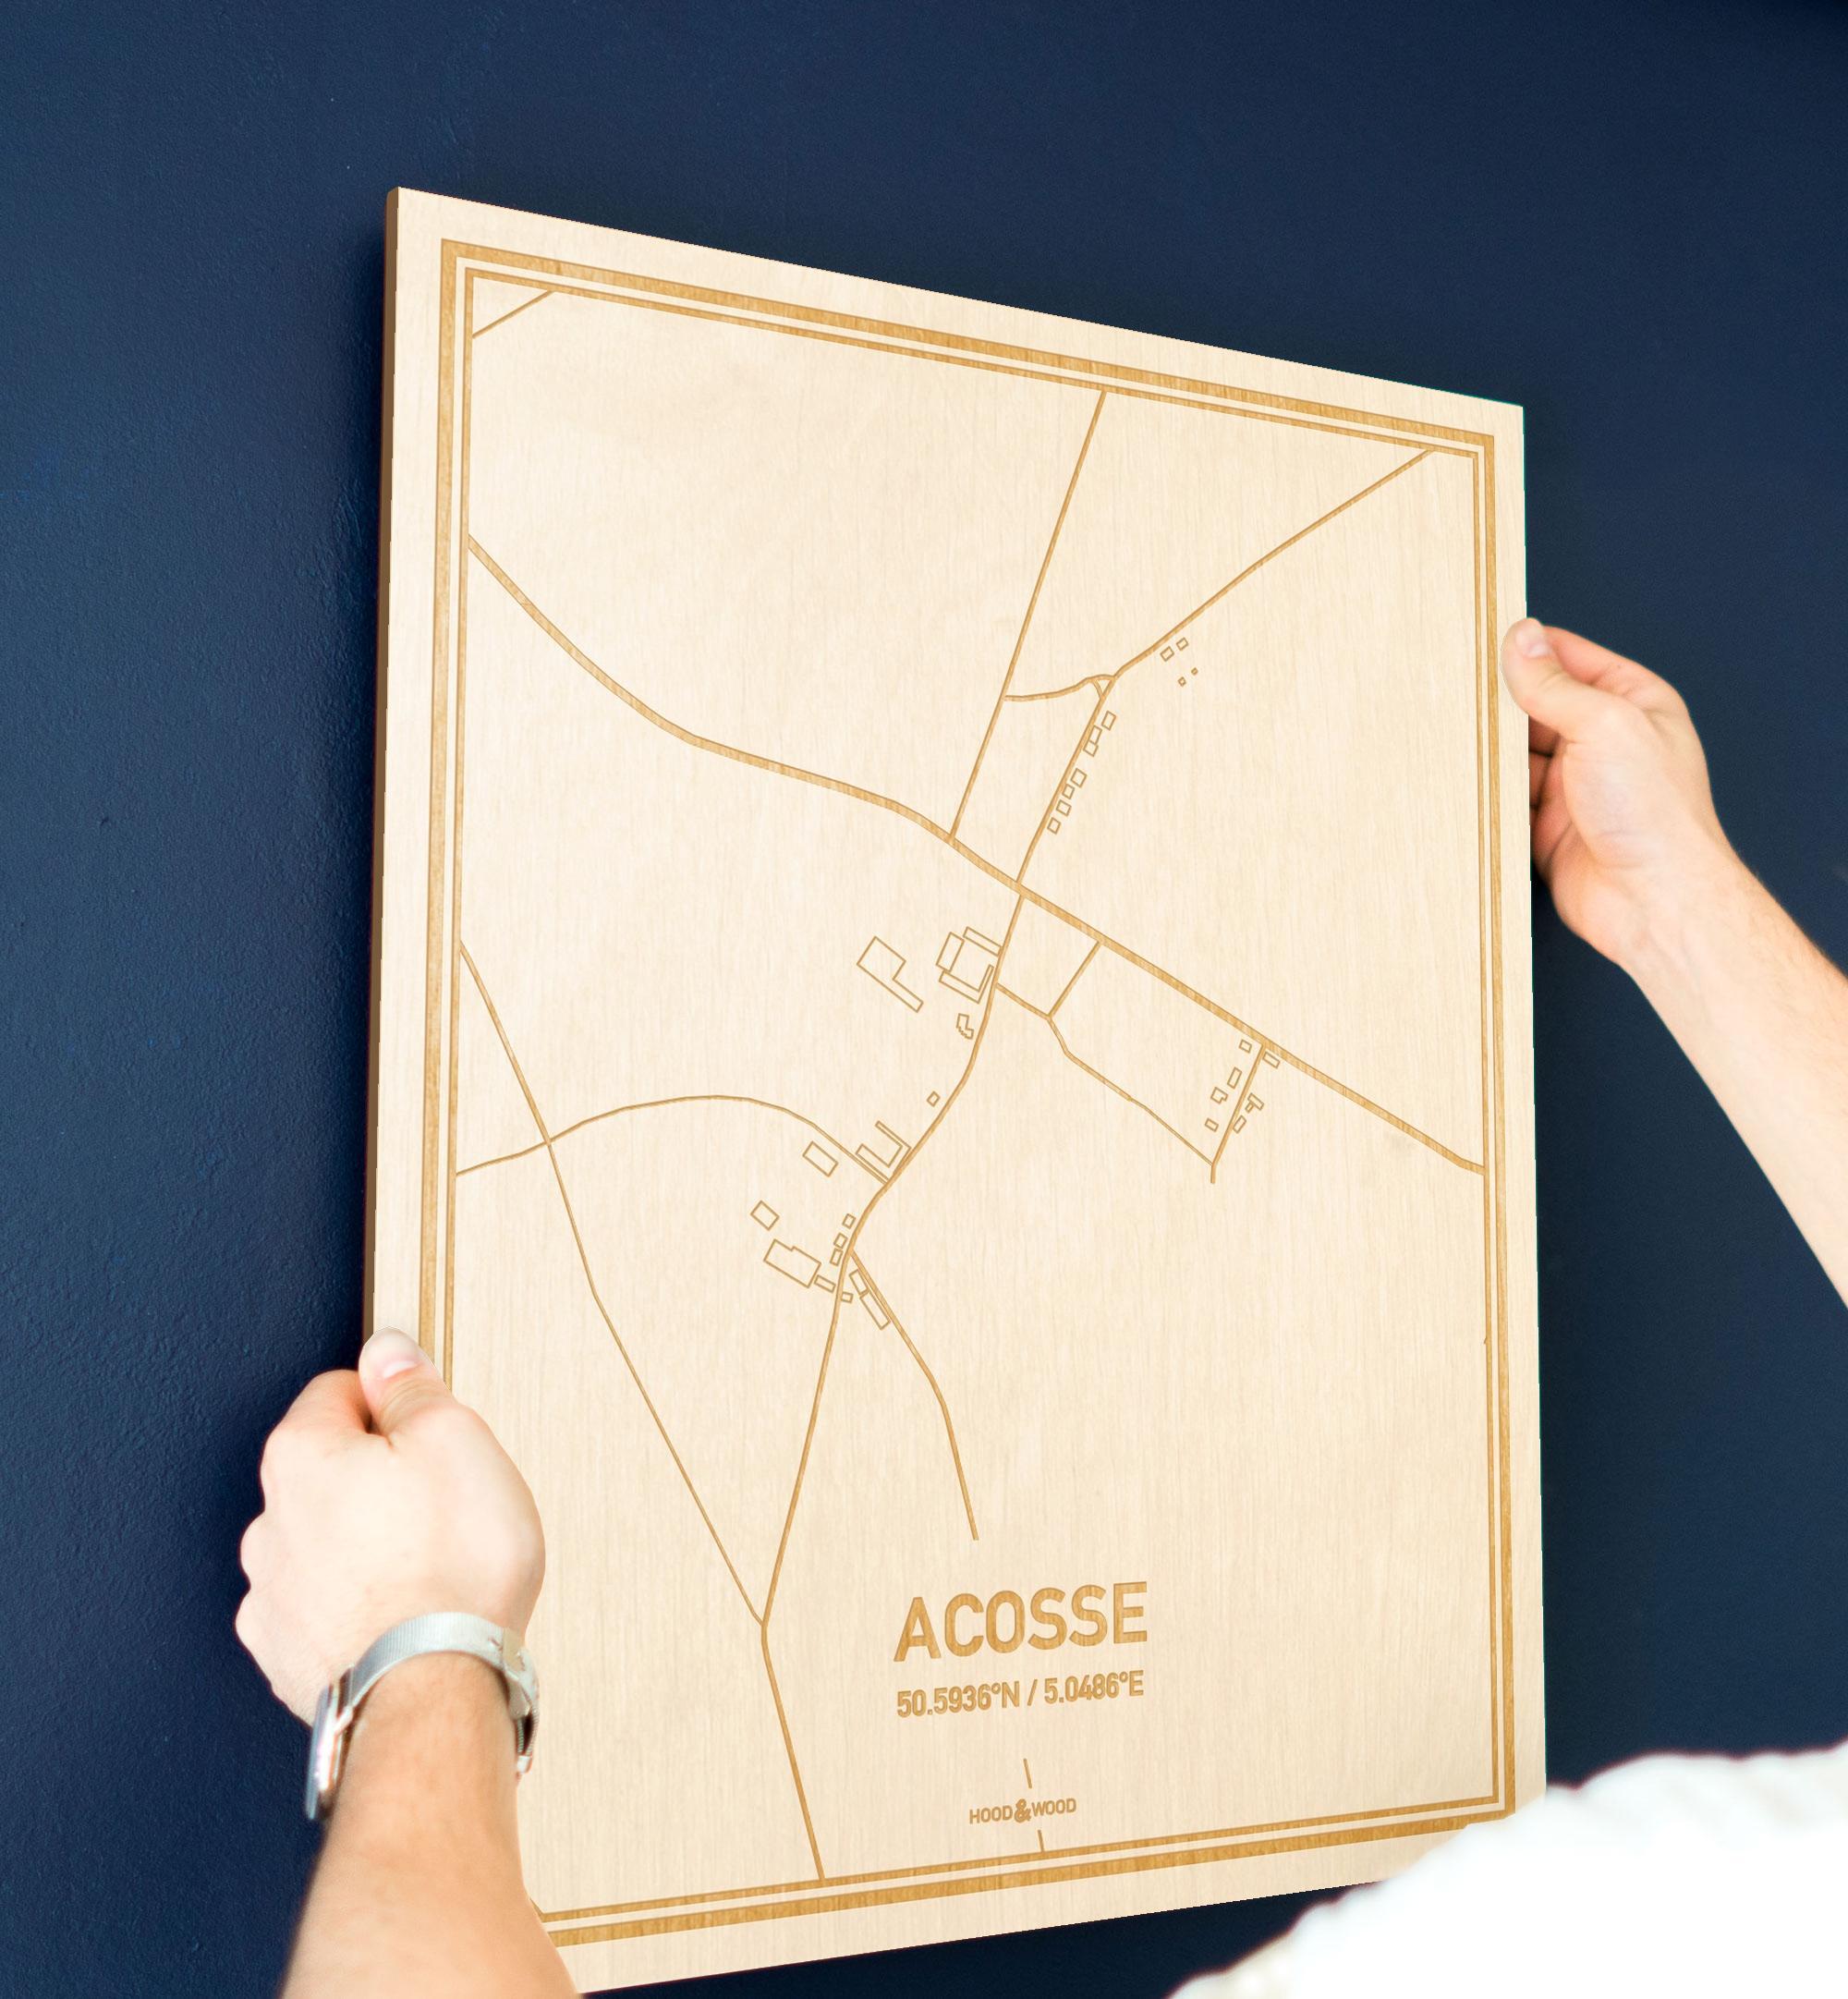 Een man hangt de houten plattegrond Acosse aan zijn blauwe muur ter decoratie. Je ziet alleen zijn handen de kaart van deze speciale in Luik vasthouden.